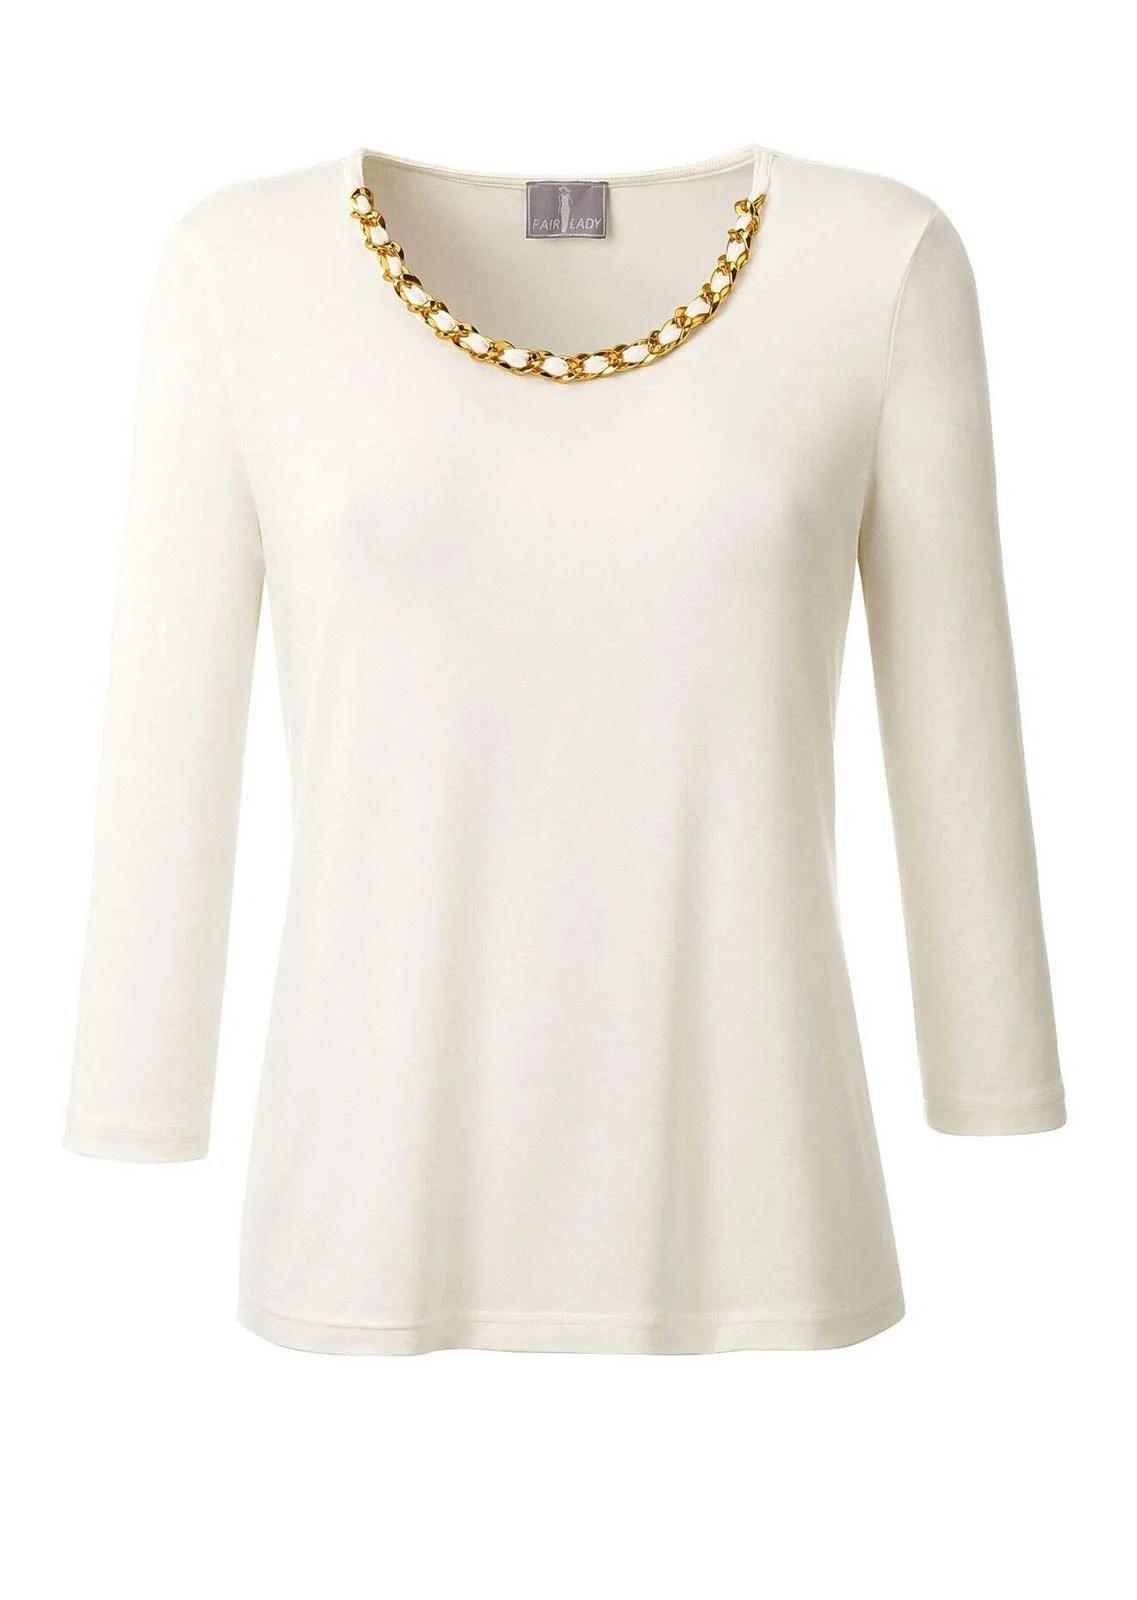 688.096 Fair Lady Jerseyshirt mit Schmuckkette, wollweiß